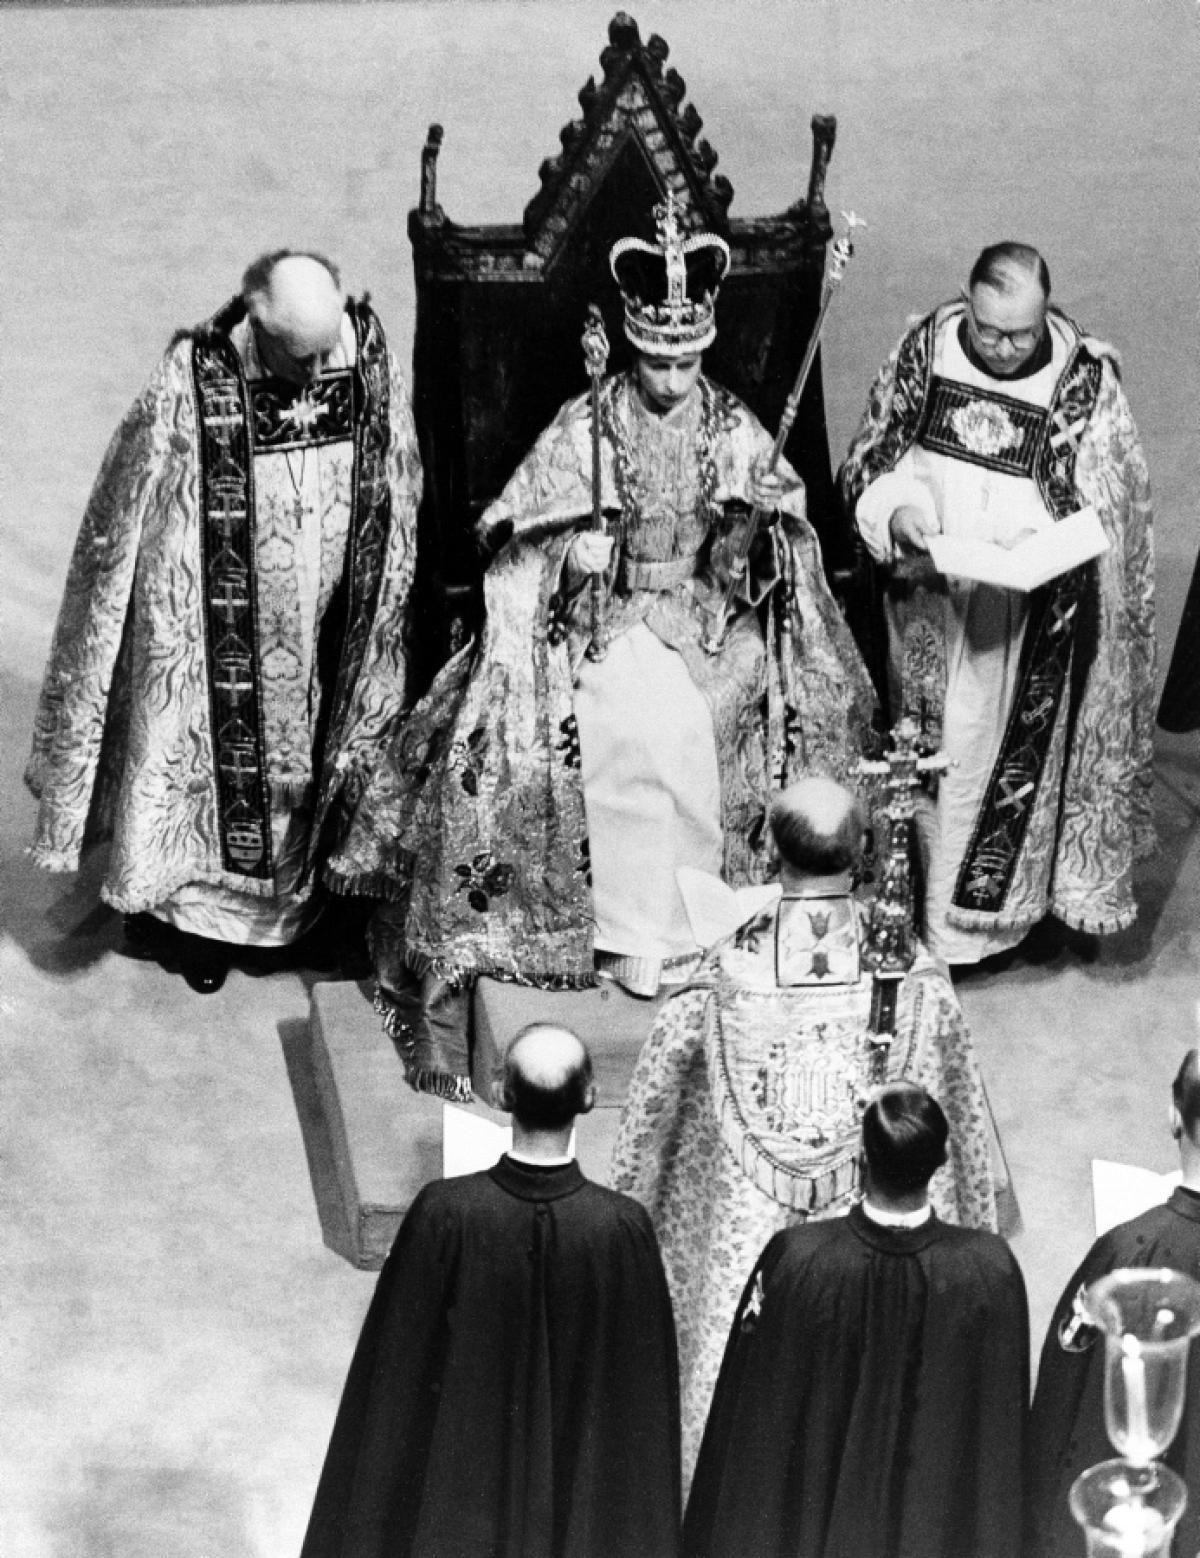 Queen Elizabeth II at her coronation ceremony, 1953